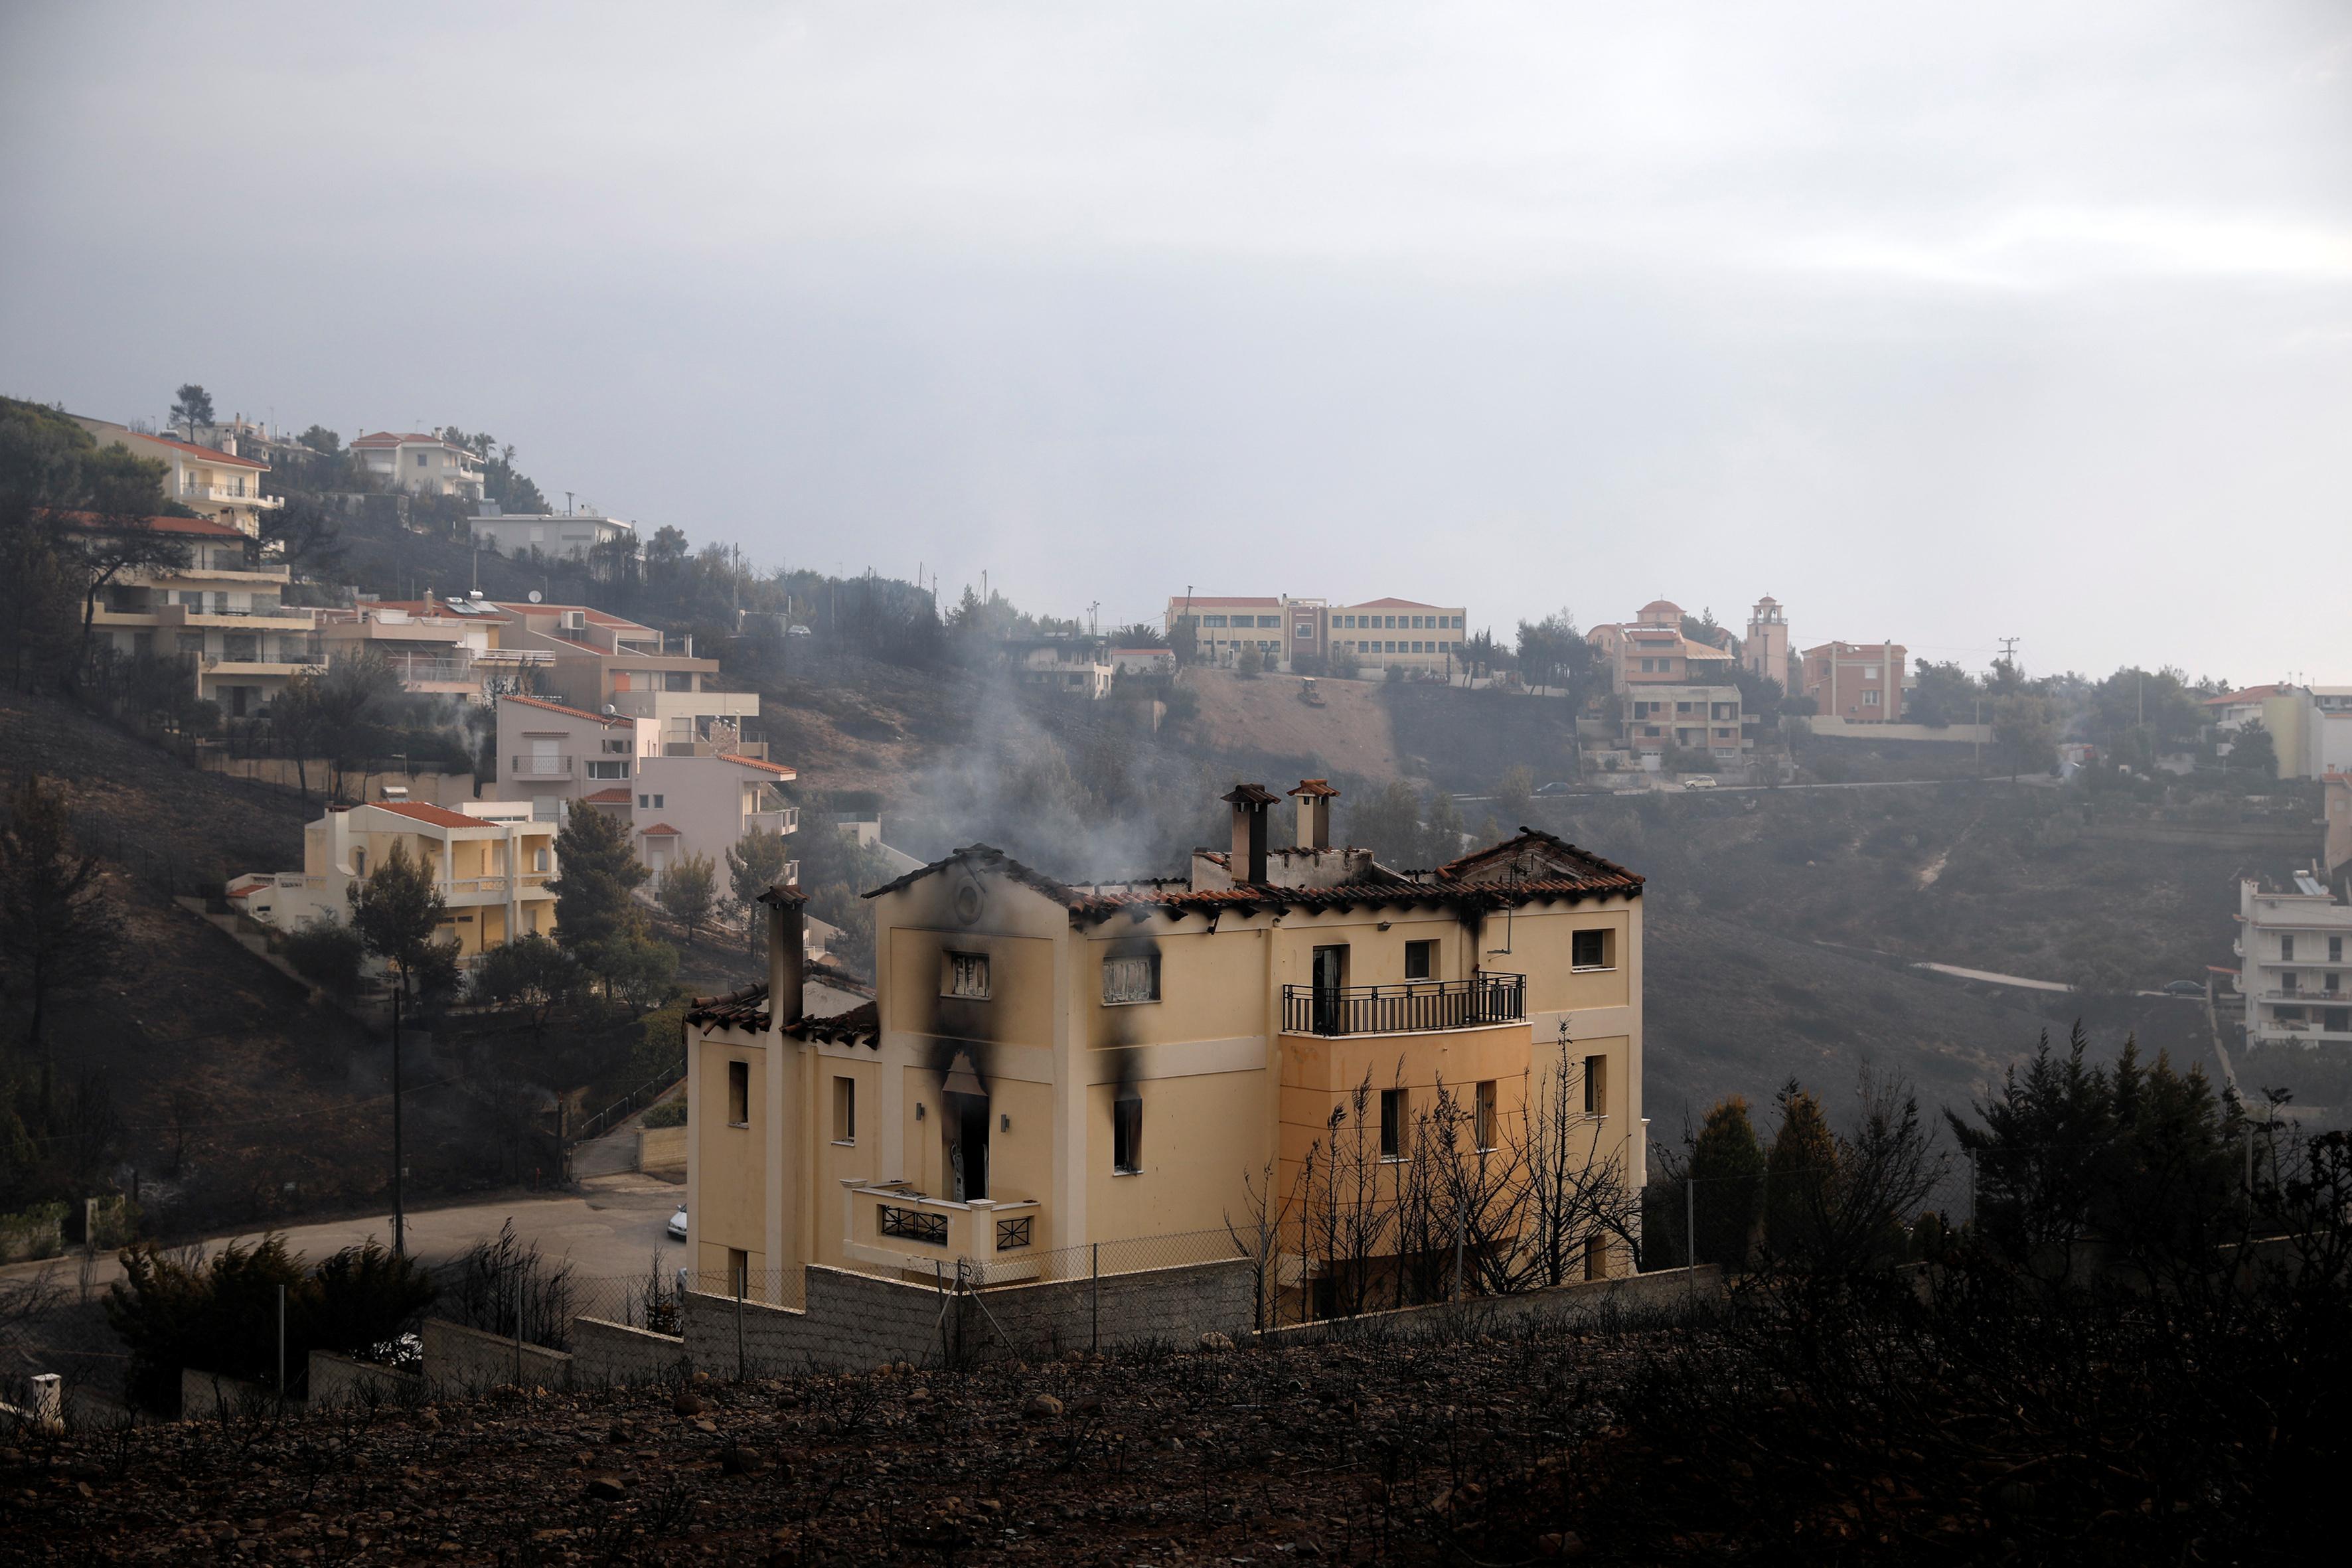 Ήταν όλα θαμπάδα στο χάος της φωτιάς, λέει ο Έλληνας